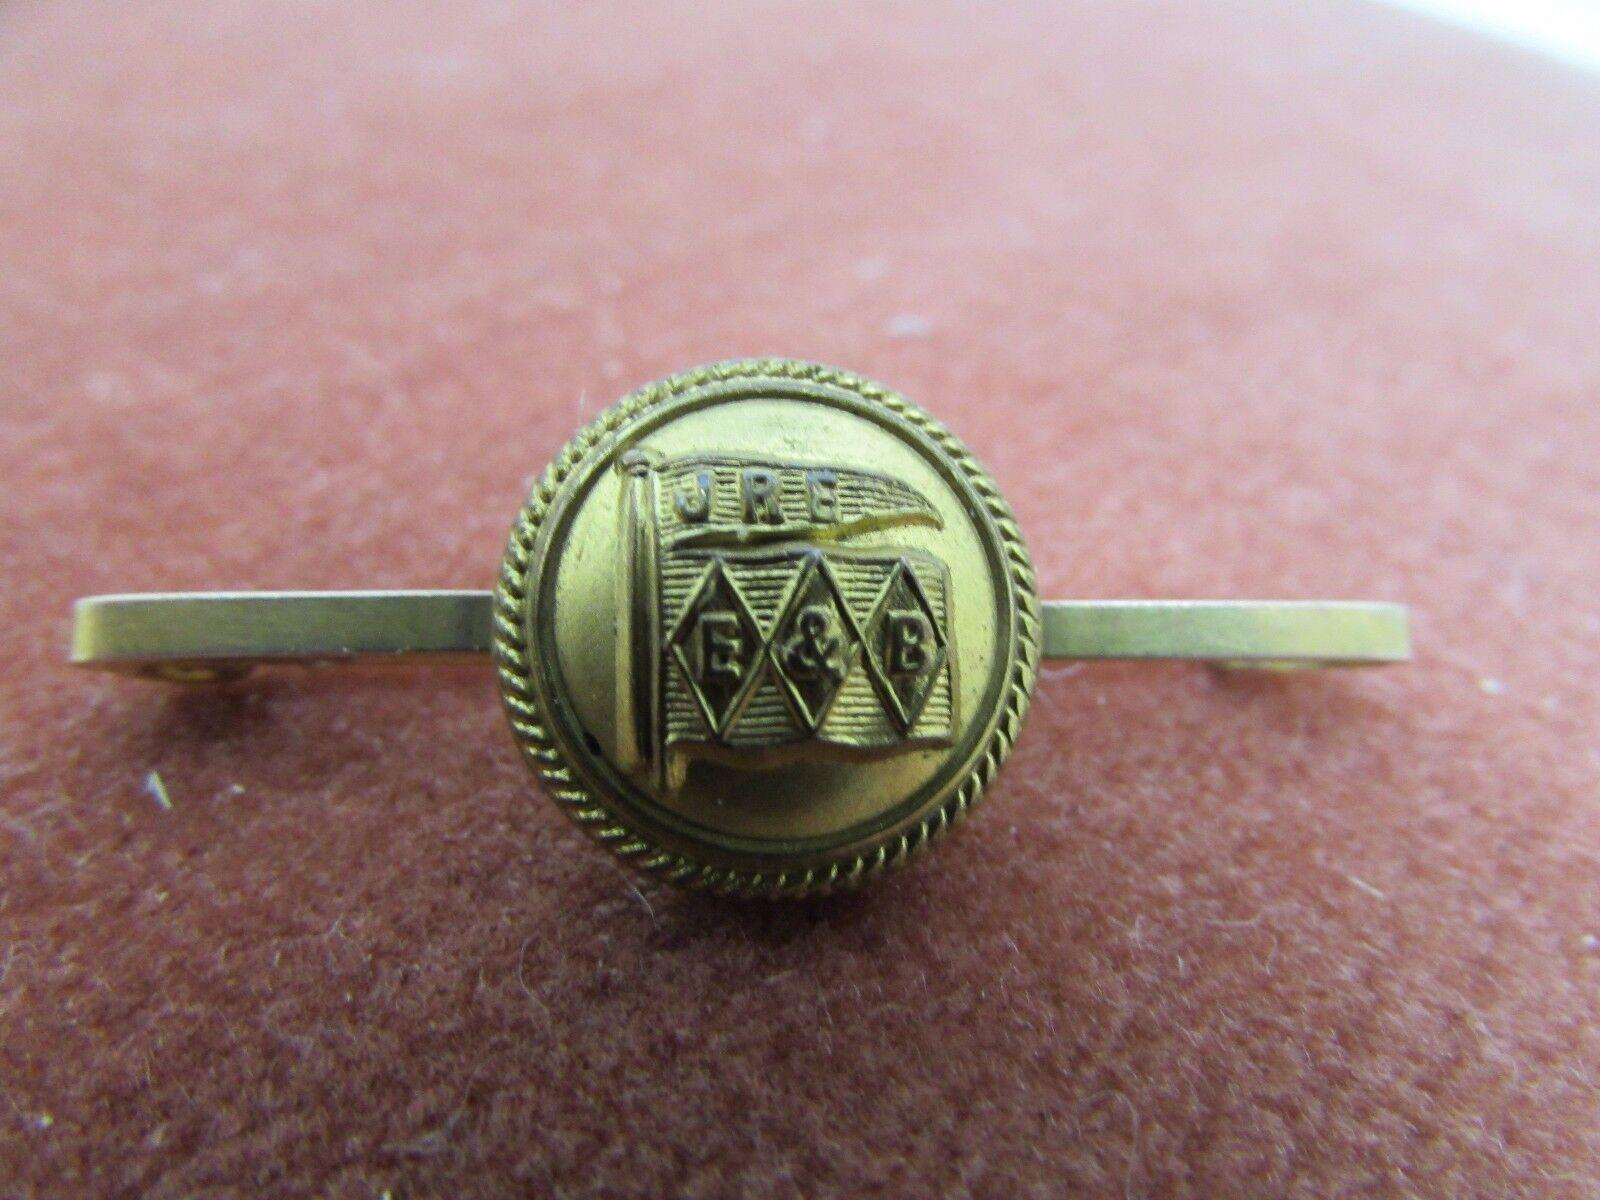 VINTAGE Sweetheart London ARTIGLIERIA jre e&b pulsante pulsante pulsante su una barra di oro 9ct Spilla fa34fe